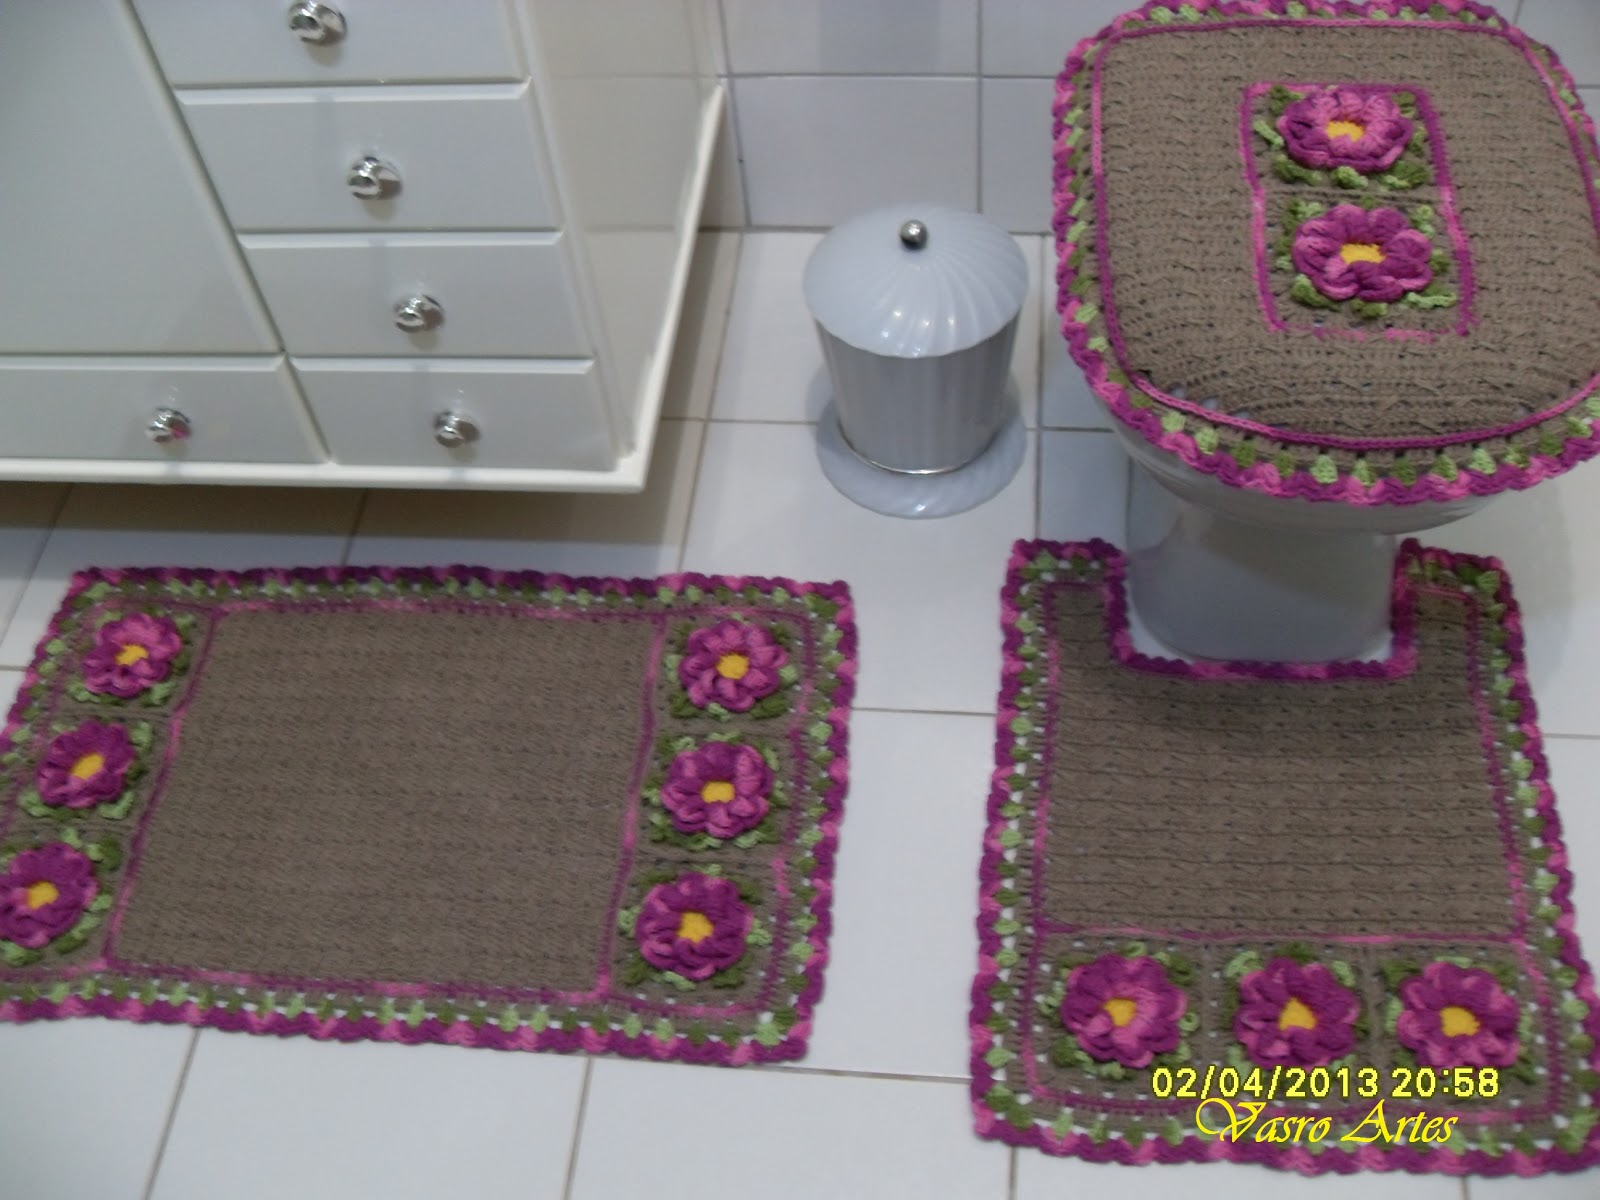 #7D3A63 Vasro Artes: Jogo de Banheiro em Crochê Jardim Secreto 1600x1200 px tapete de banheiro em frances